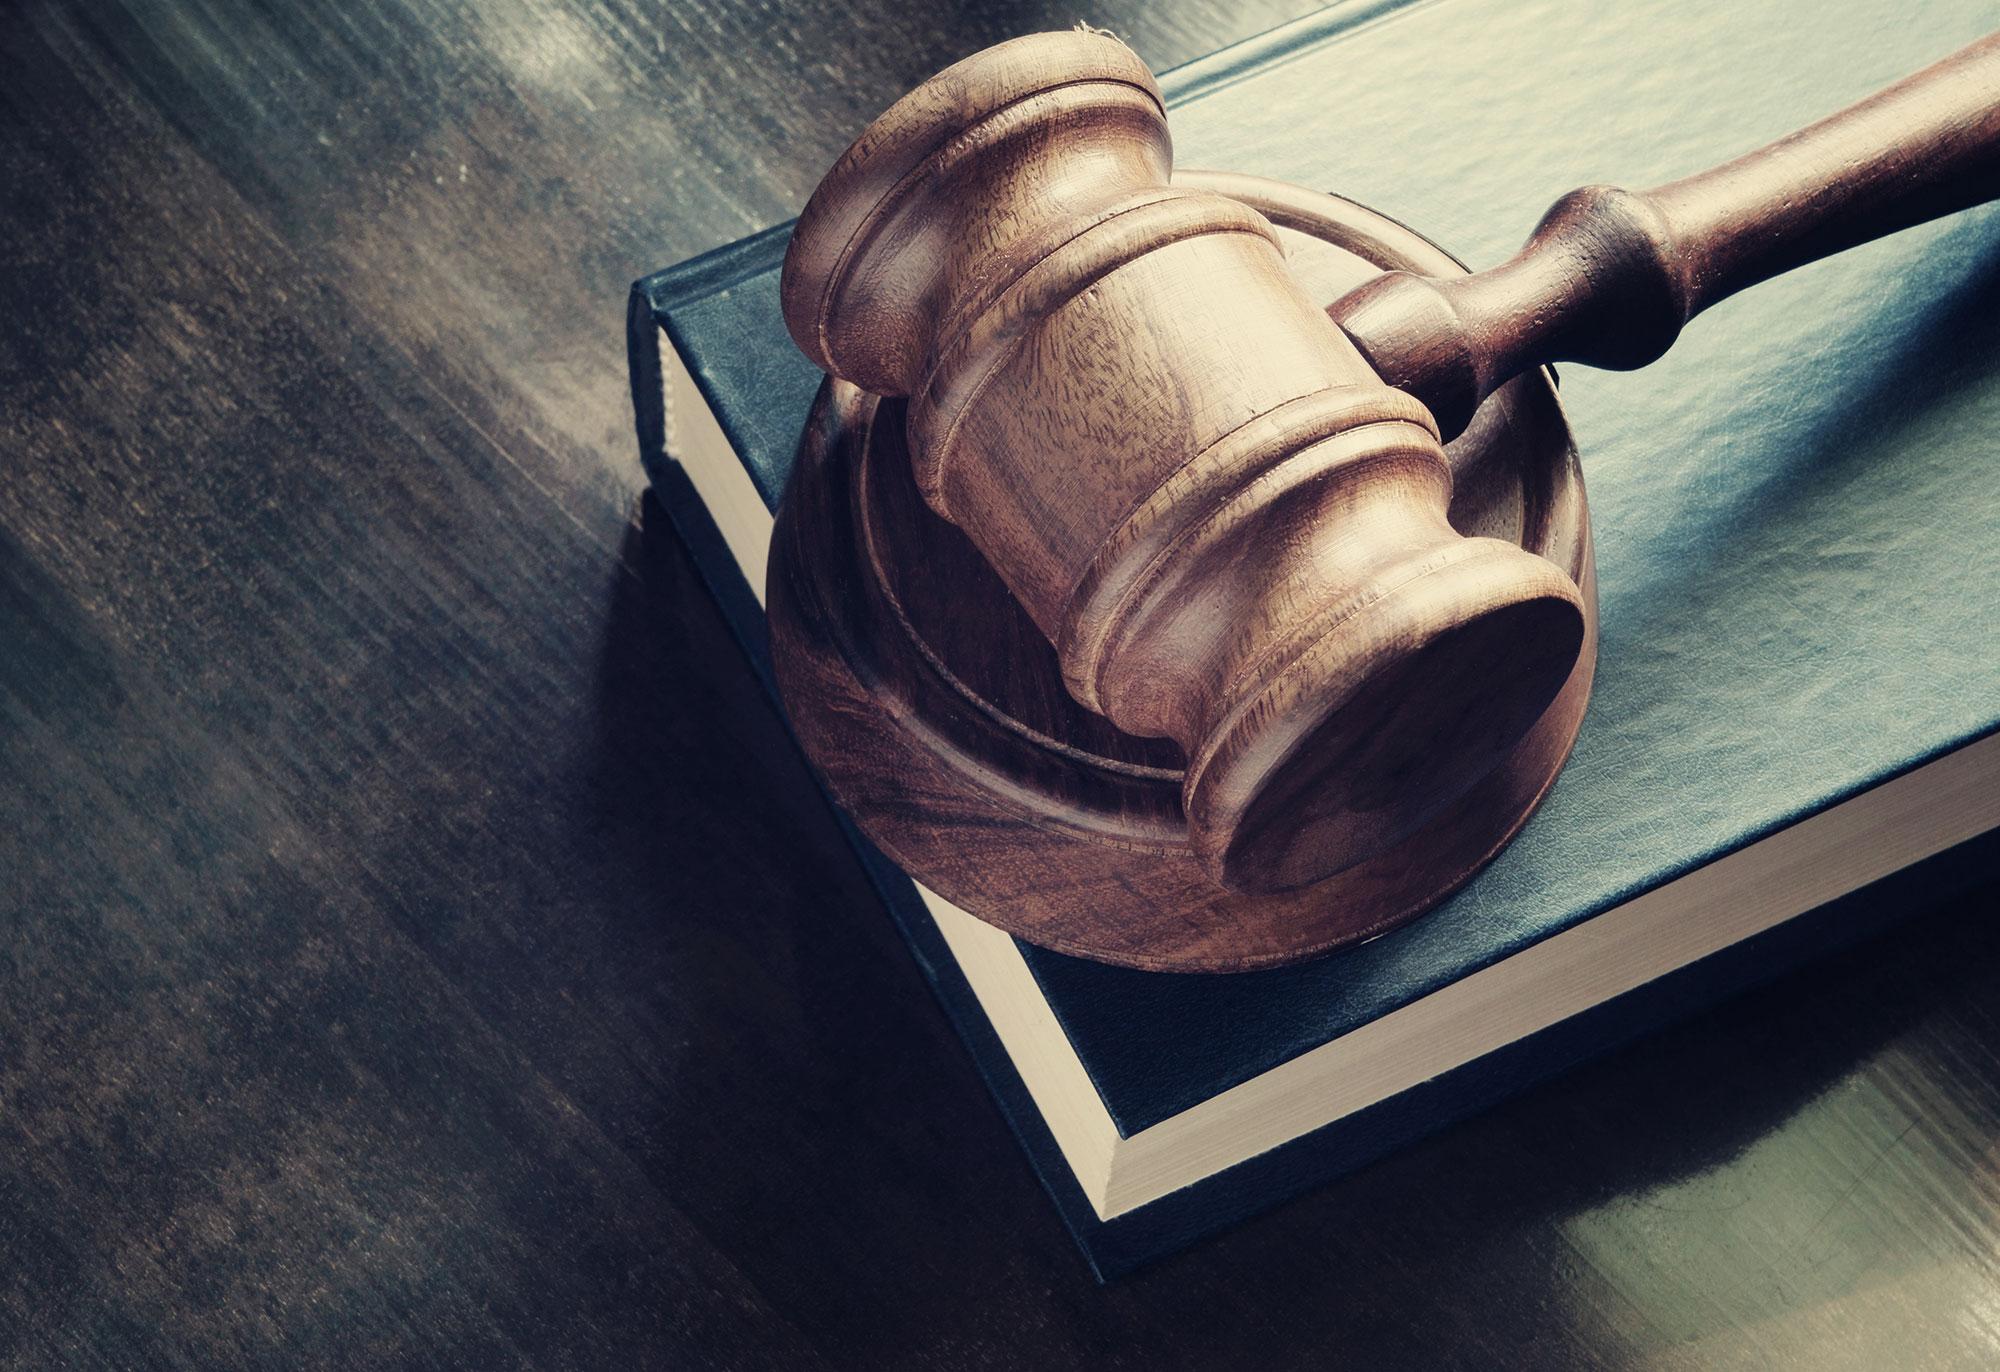 Régionalisation de la justice: Luc Hennart s'exprime-t-il maintenant au nom du PS ?